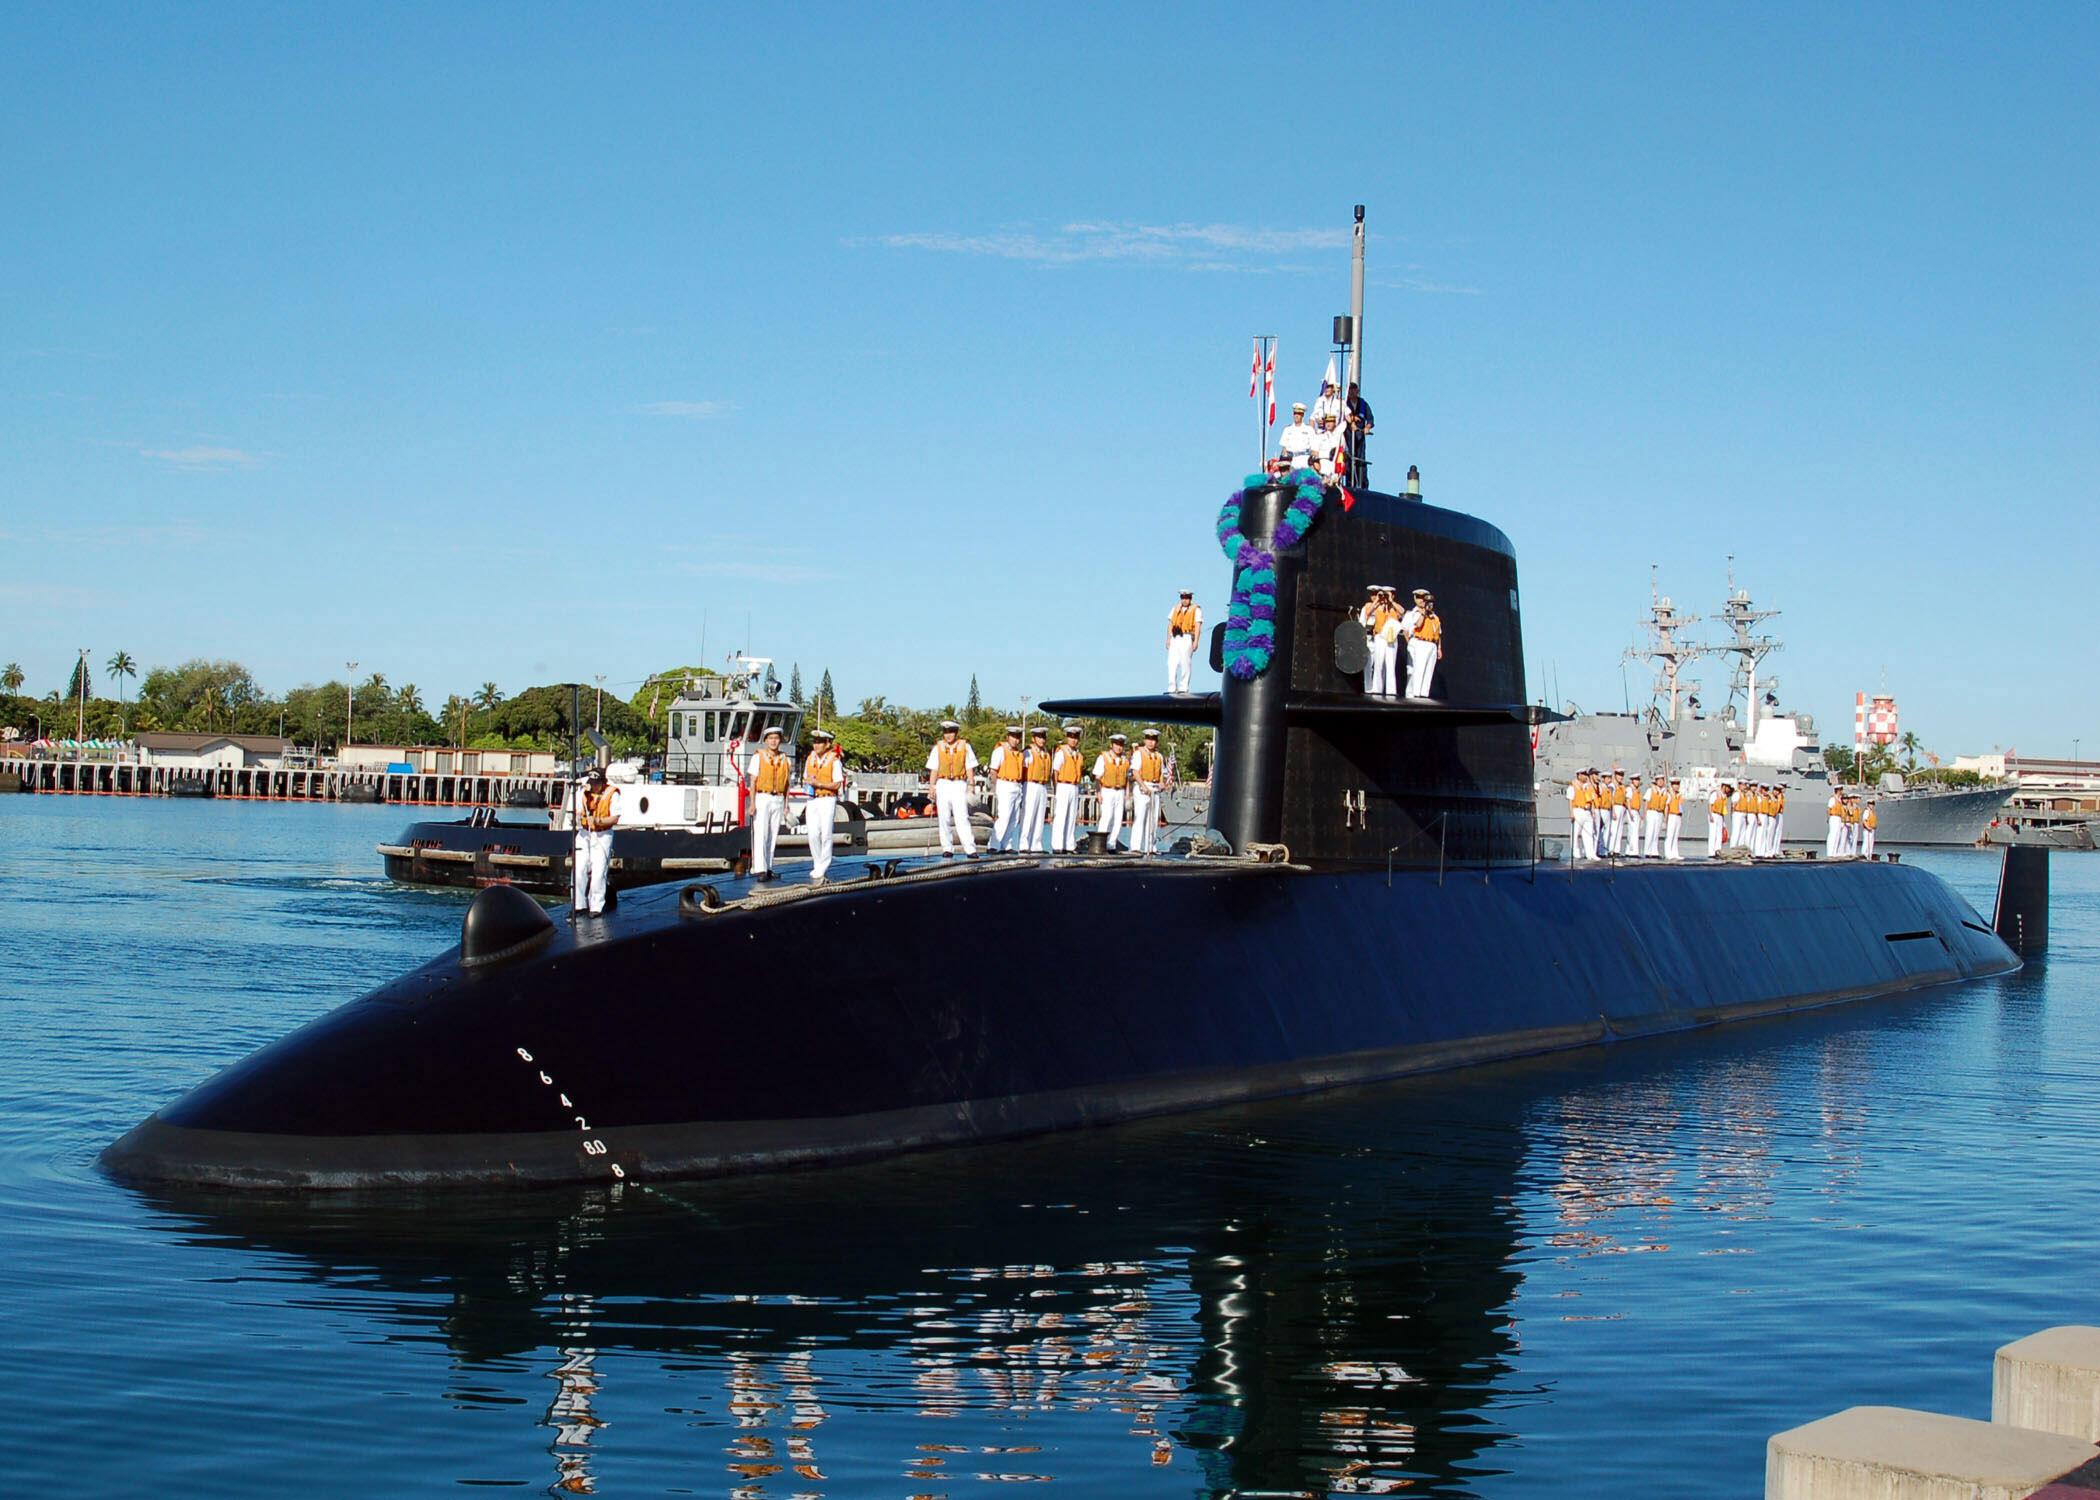 Chiếc tàu ngầm Nhật Bản Kuroshio ở cảng Pearl Harbor (Hawai - Mỹ). Ảnh tư liệu chụp ngày 25/06/2006.